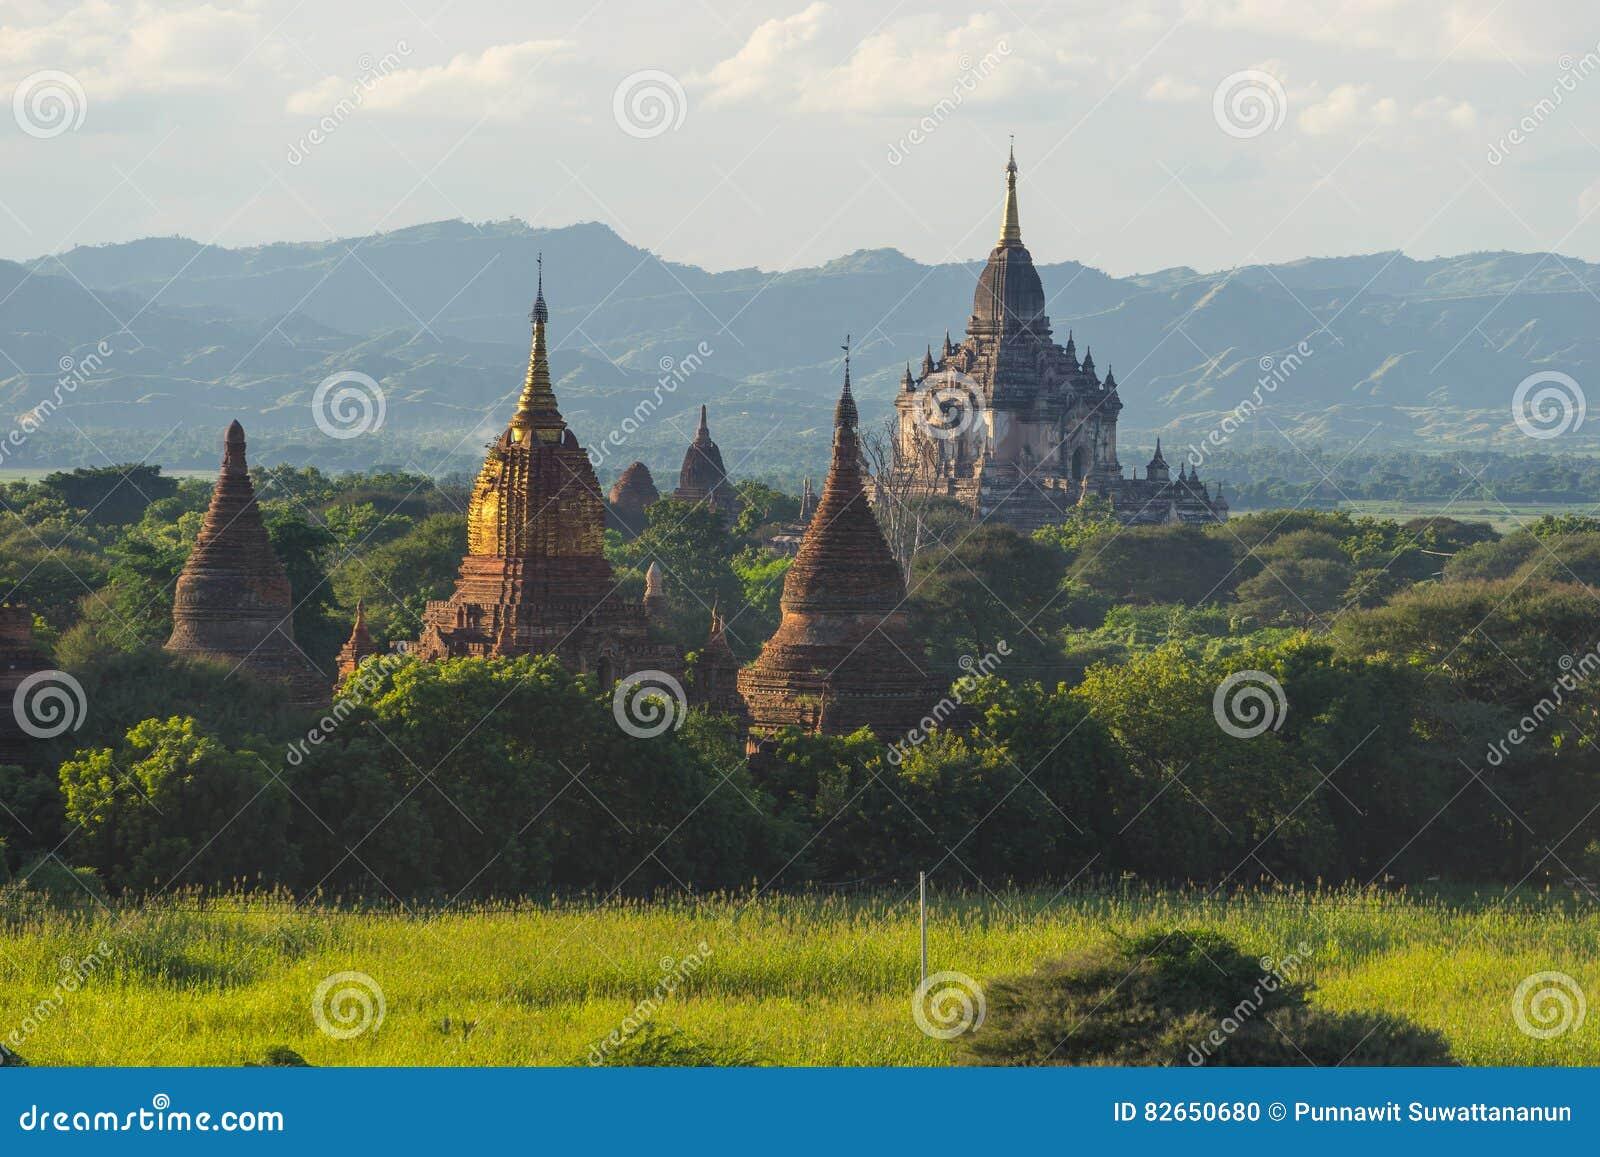 Señal del templo de Shwegugyi de la ciudad antigua de Bagan, Mandalay, Myanm